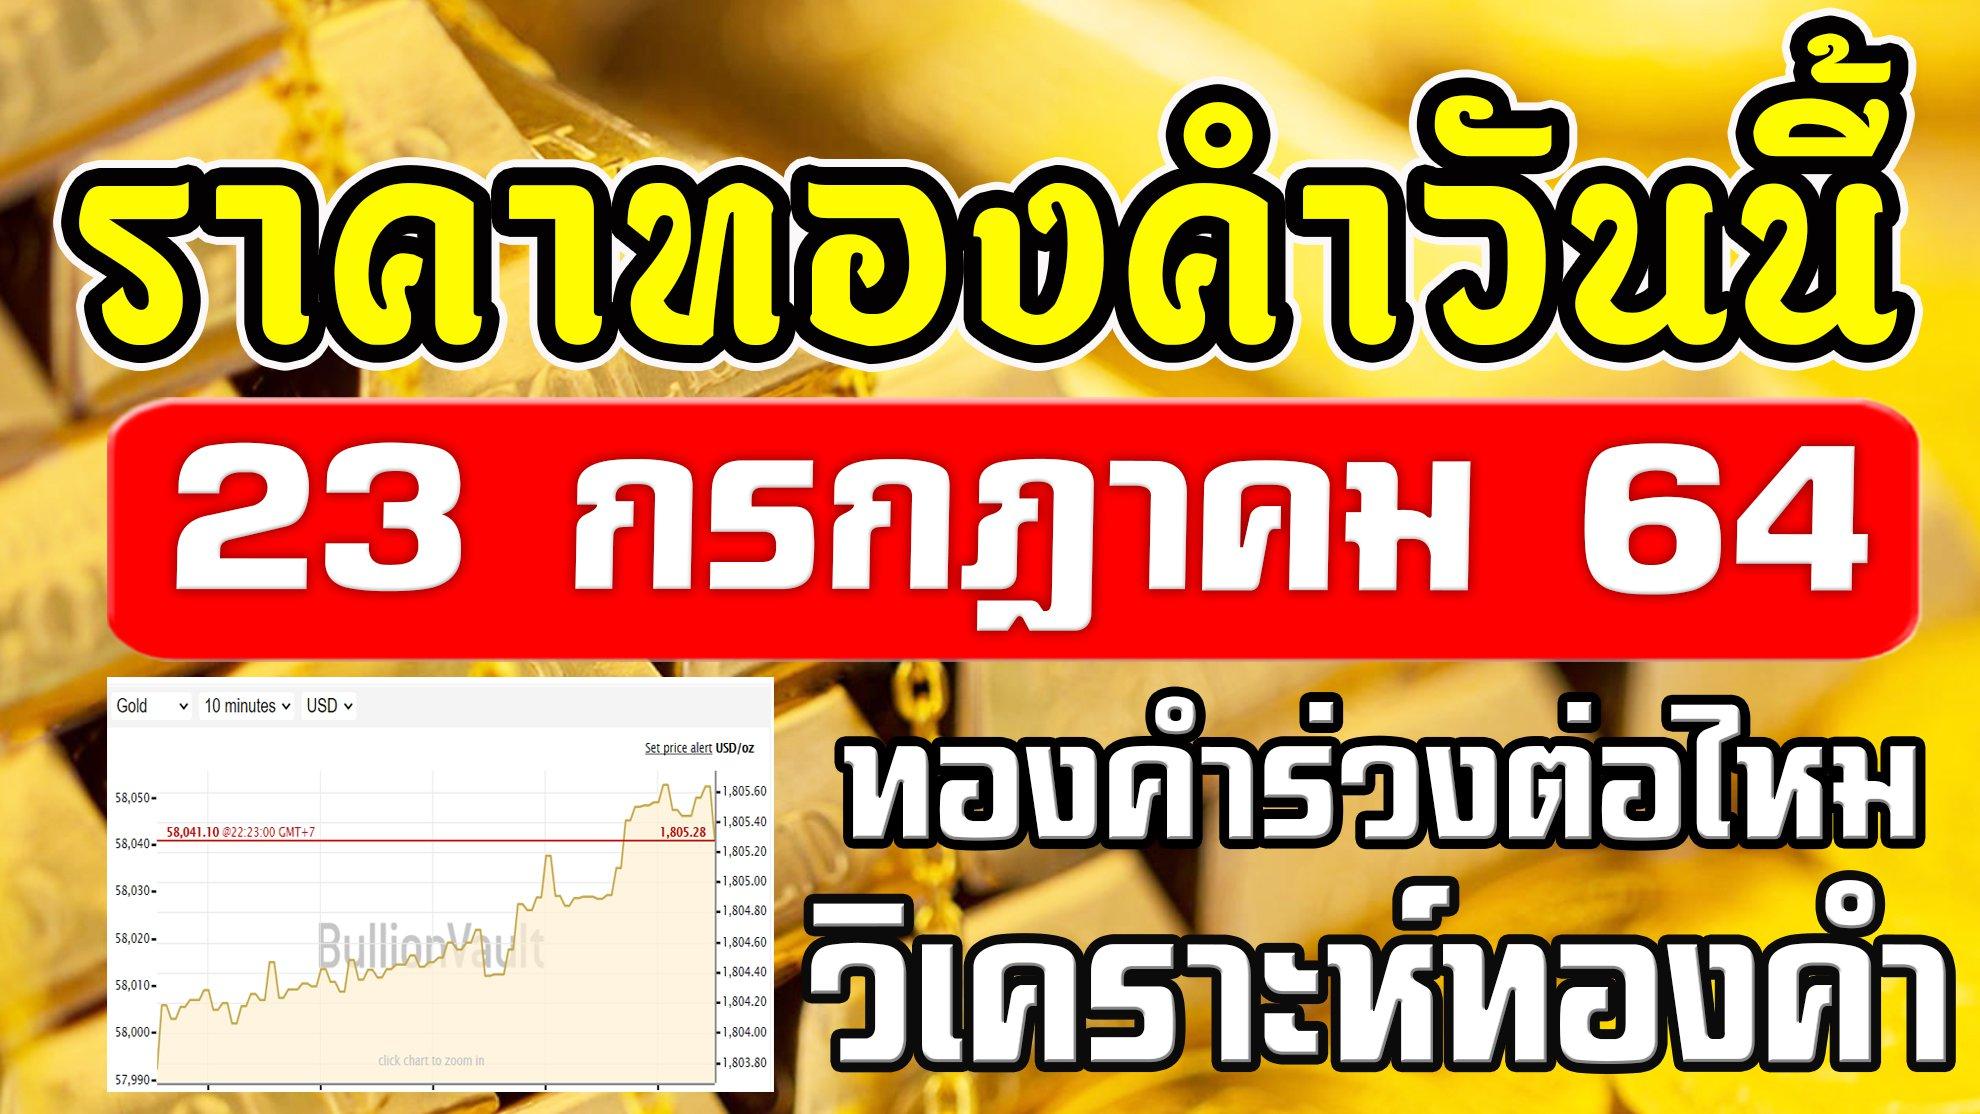 ราคาทองวันนี้ 23 ก.ค.64 แนวโน้มราคาทอง ราคาทองคำวันนี้ วิเคราะห์ทองคำ ปัจจัยทองคำ 23/7/64 ราคาทอง